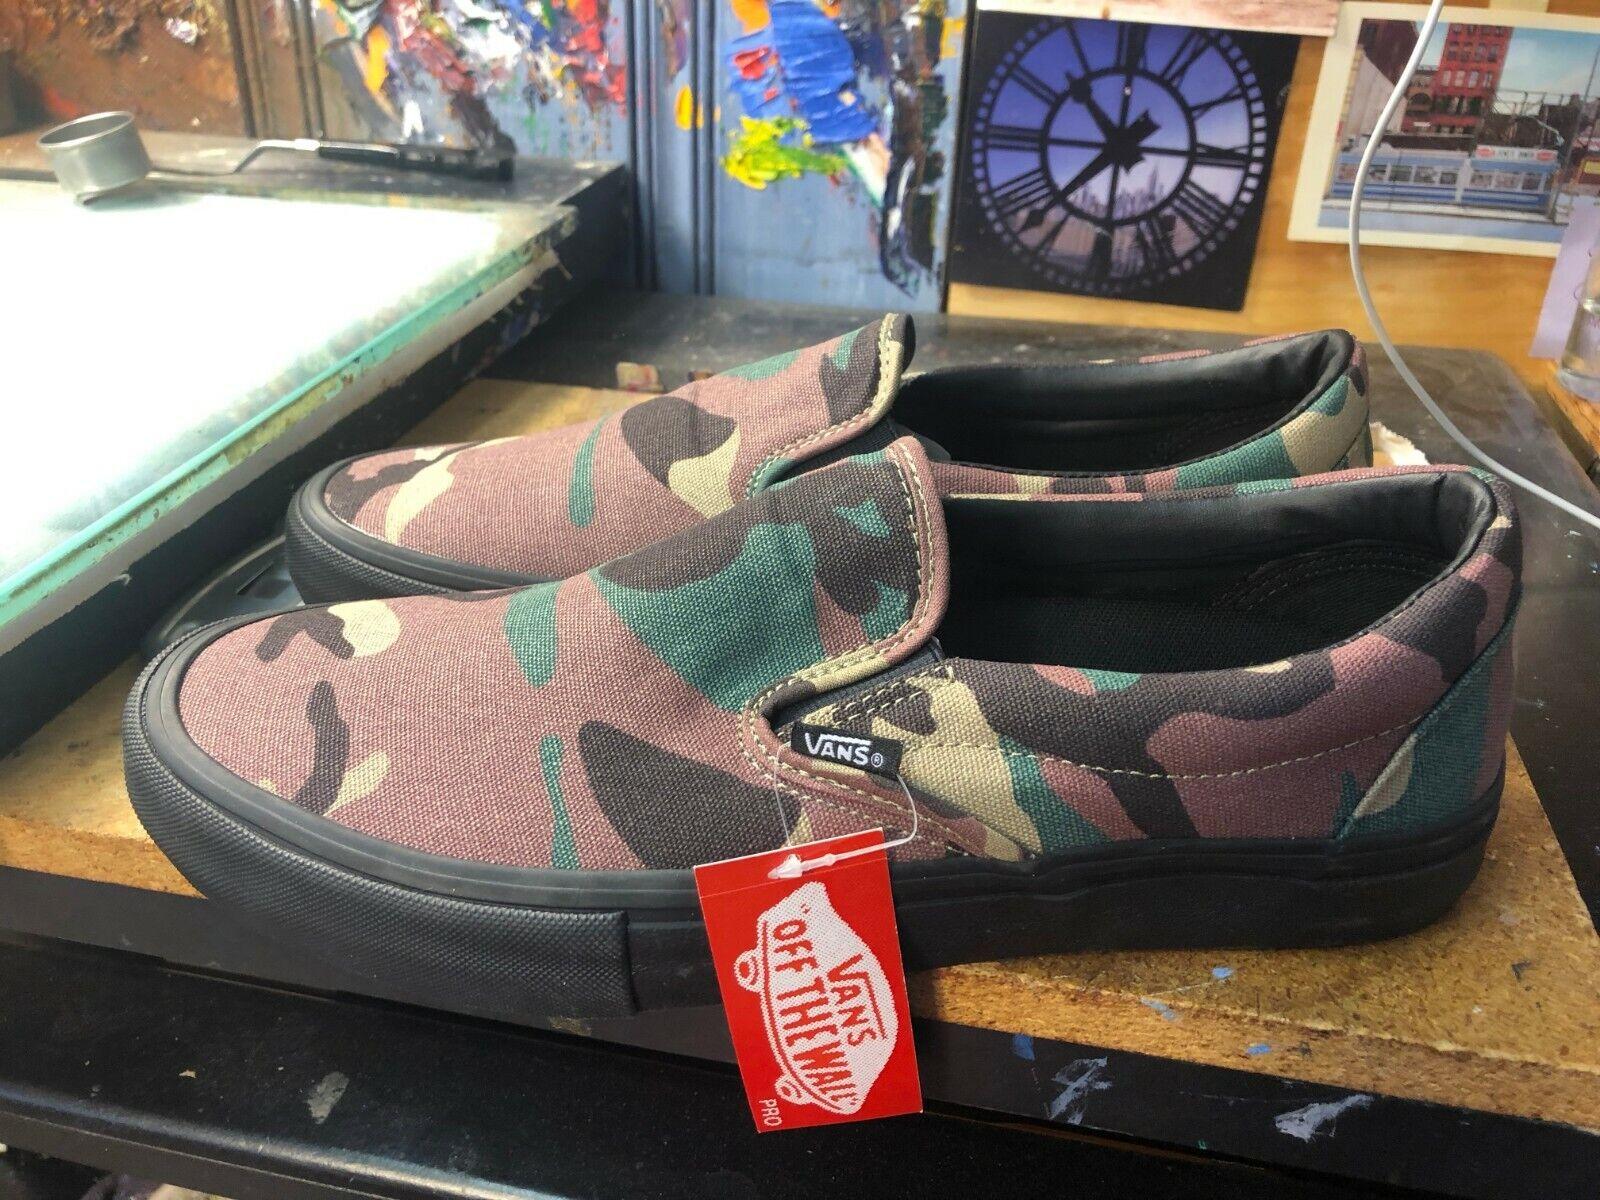 Vans Slip-On Pro Camuflaje Negro Talla EE. UU. para hombres 12 VN 0 a 347 vkaf Nuevo Camuflaje